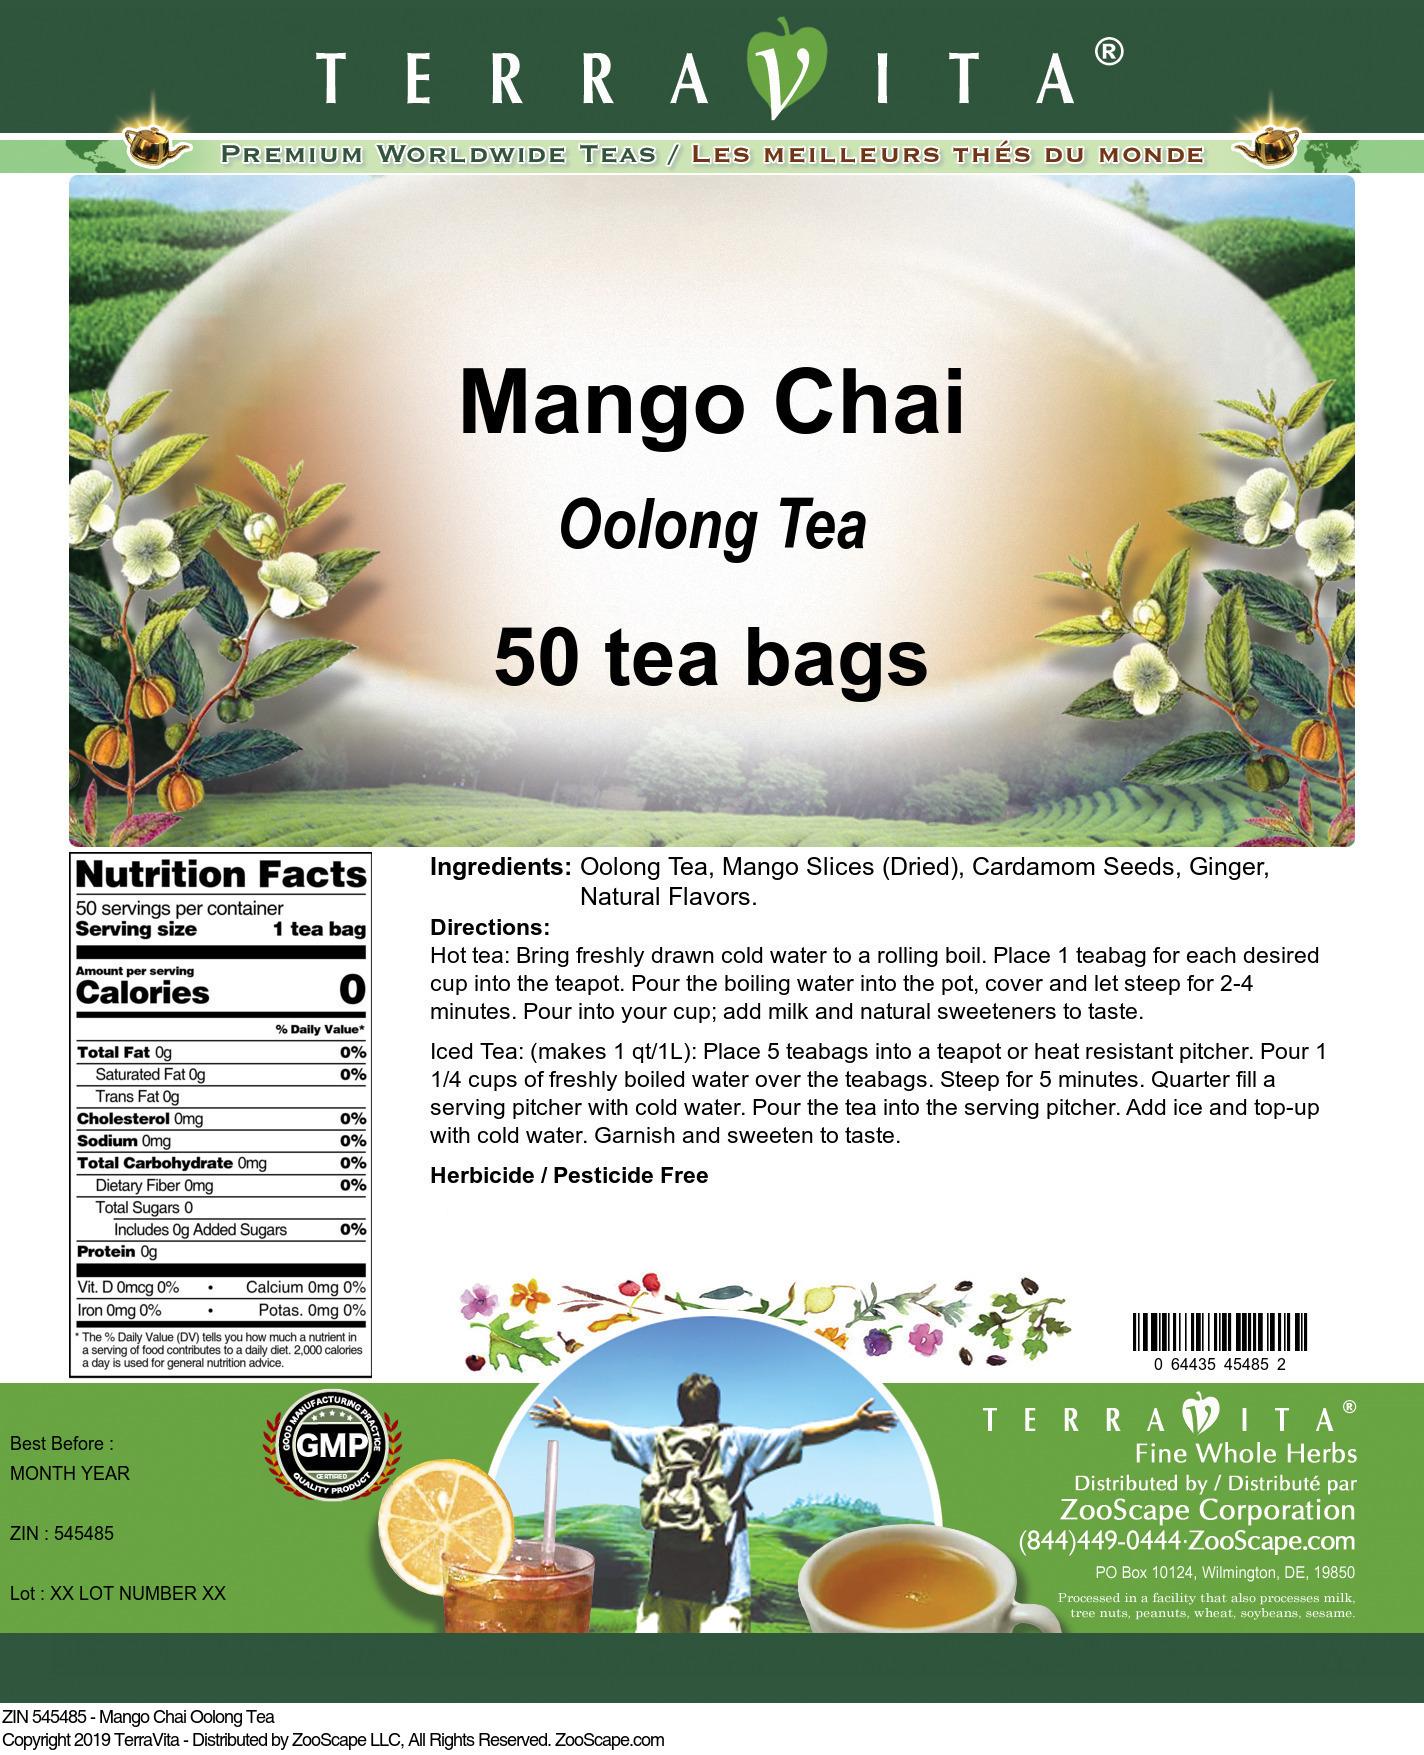 Mango Chai Oolong Tea